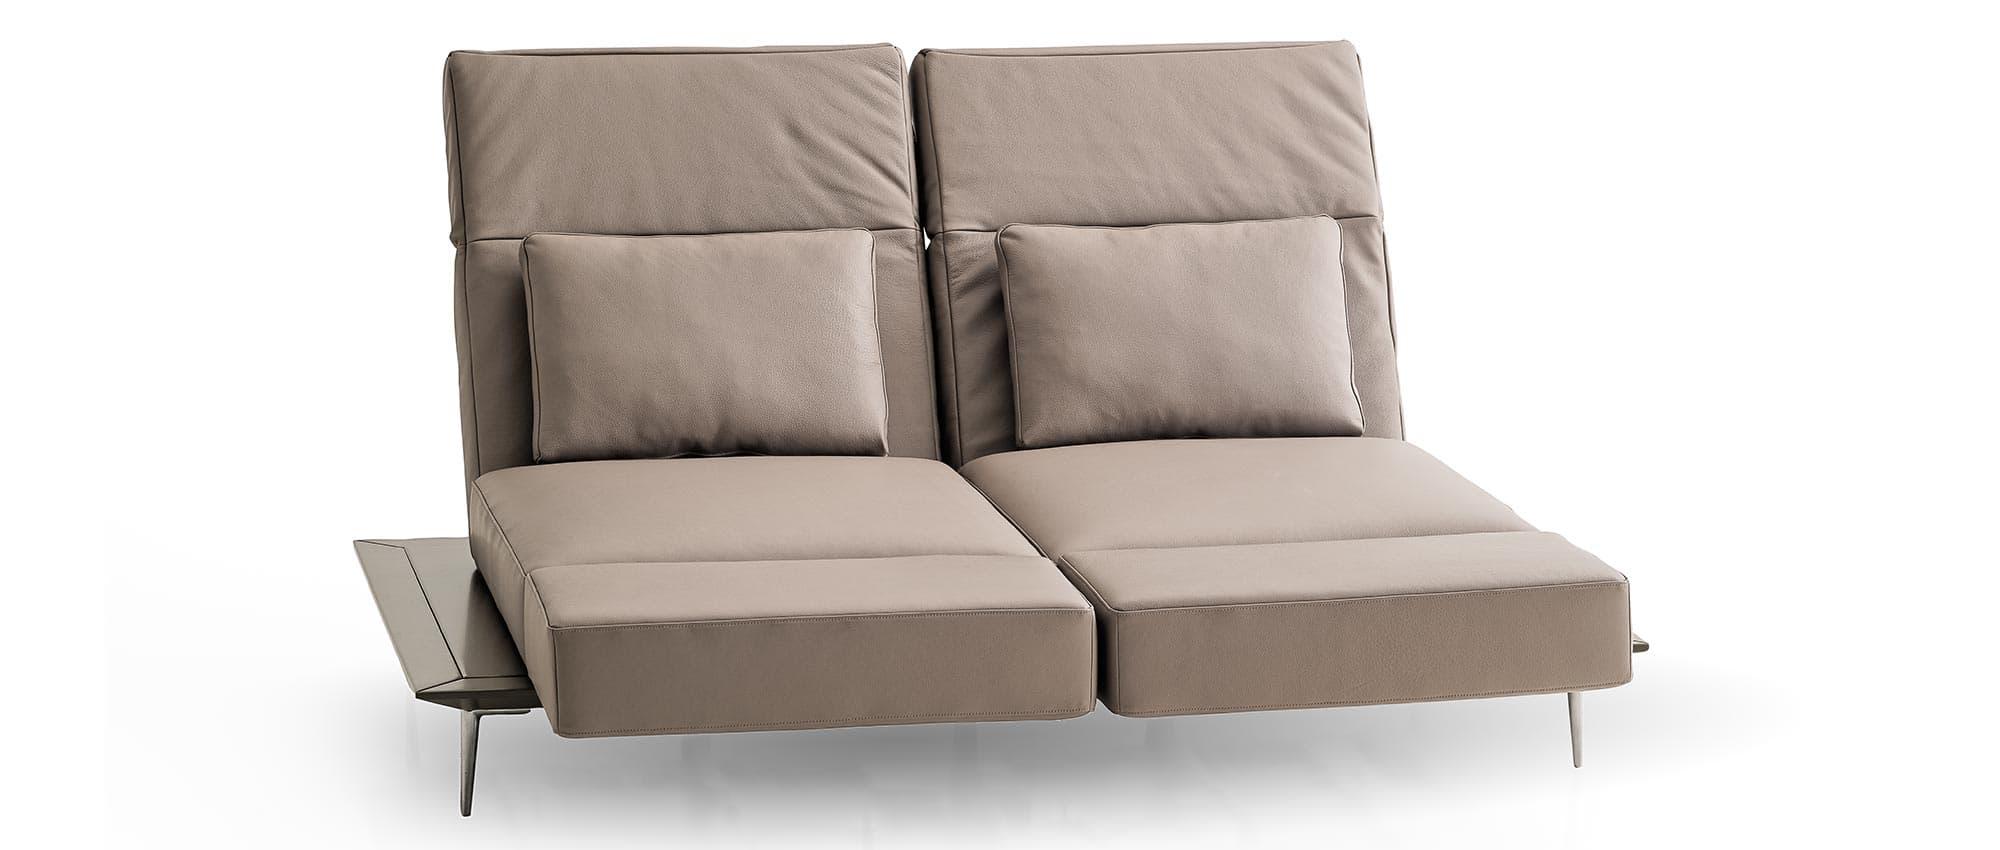 Schlafsofa MILAN von Franz Fertig mit klappbarer Rückenlehne. Multifunktionales Sofa. Sofa mit Bettfunktion. Gästebett für 2 Personen.